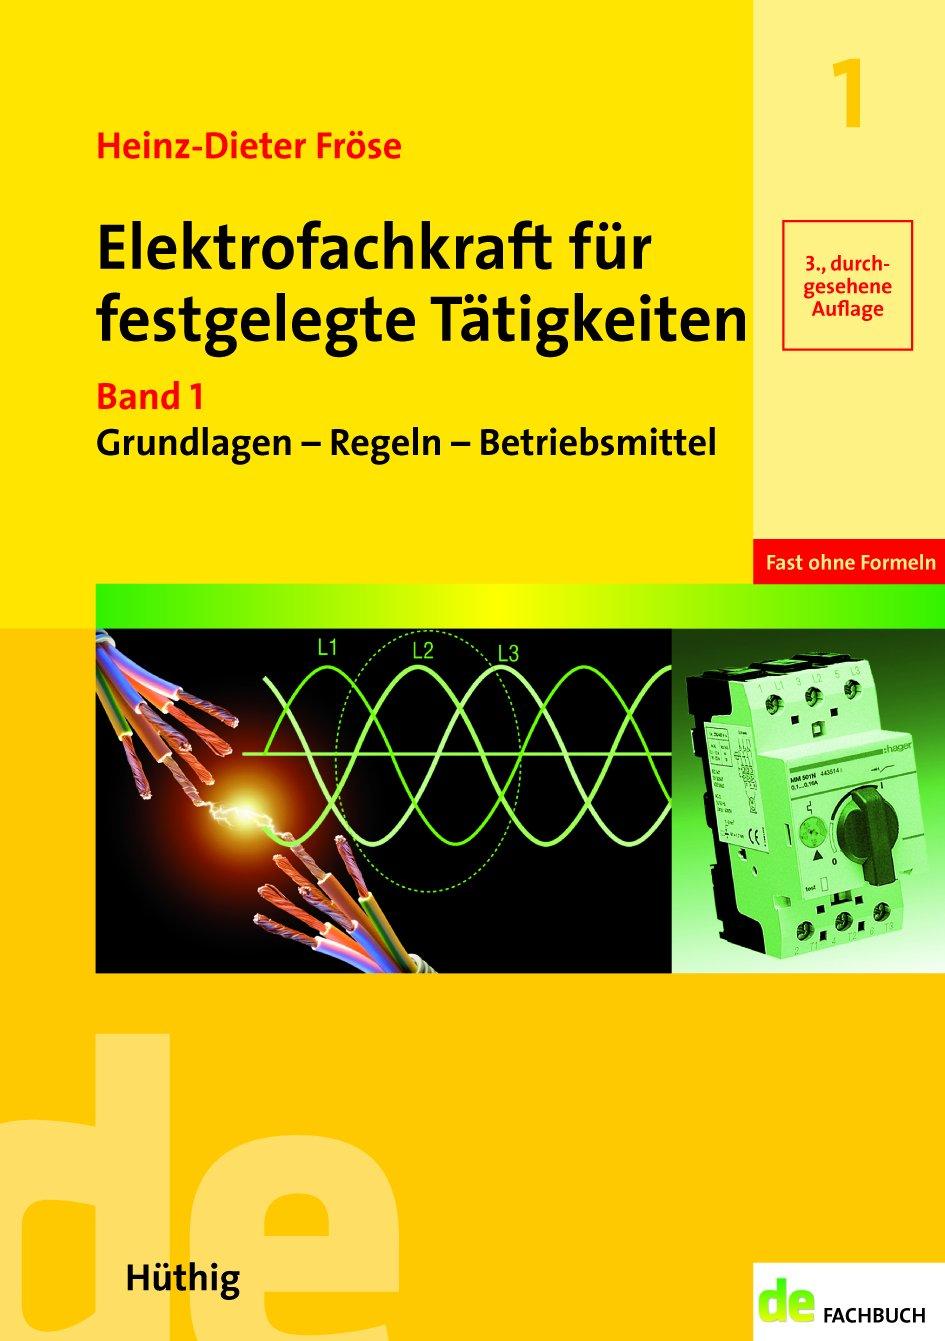 Elektrofachkraft für festgelegte Tätigkeiten Band 1: Grundlagen - Regeln - Betriebsmittel (de-Fachwissen)